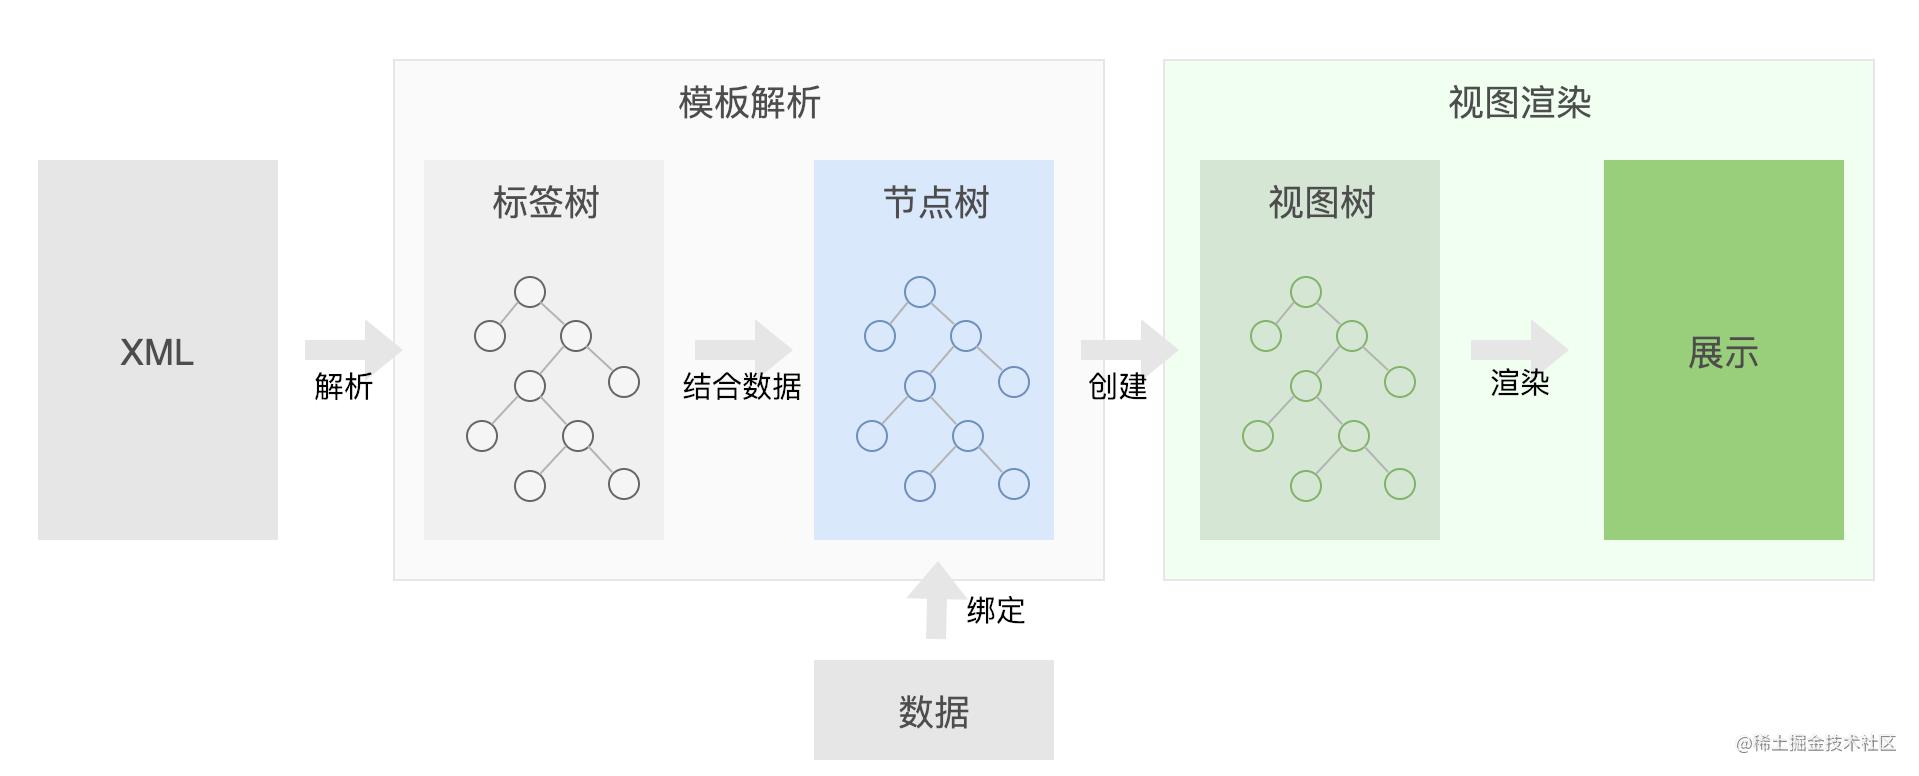 图2 视图模版从解析到渲染